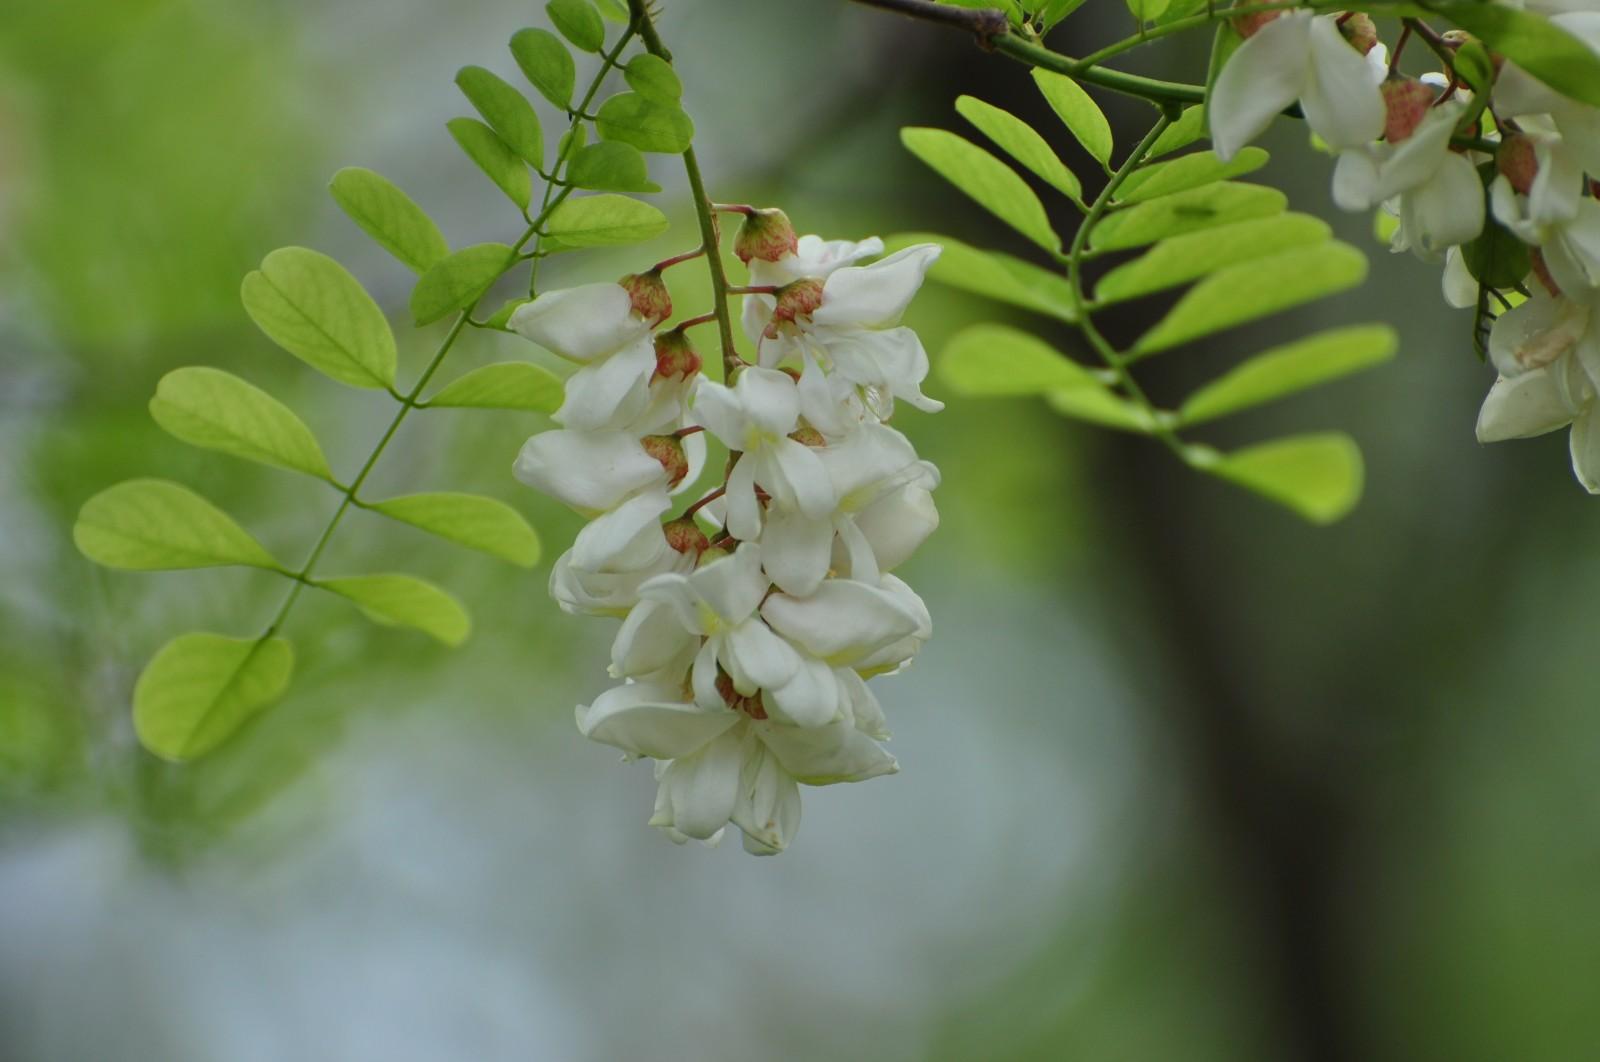 virág31